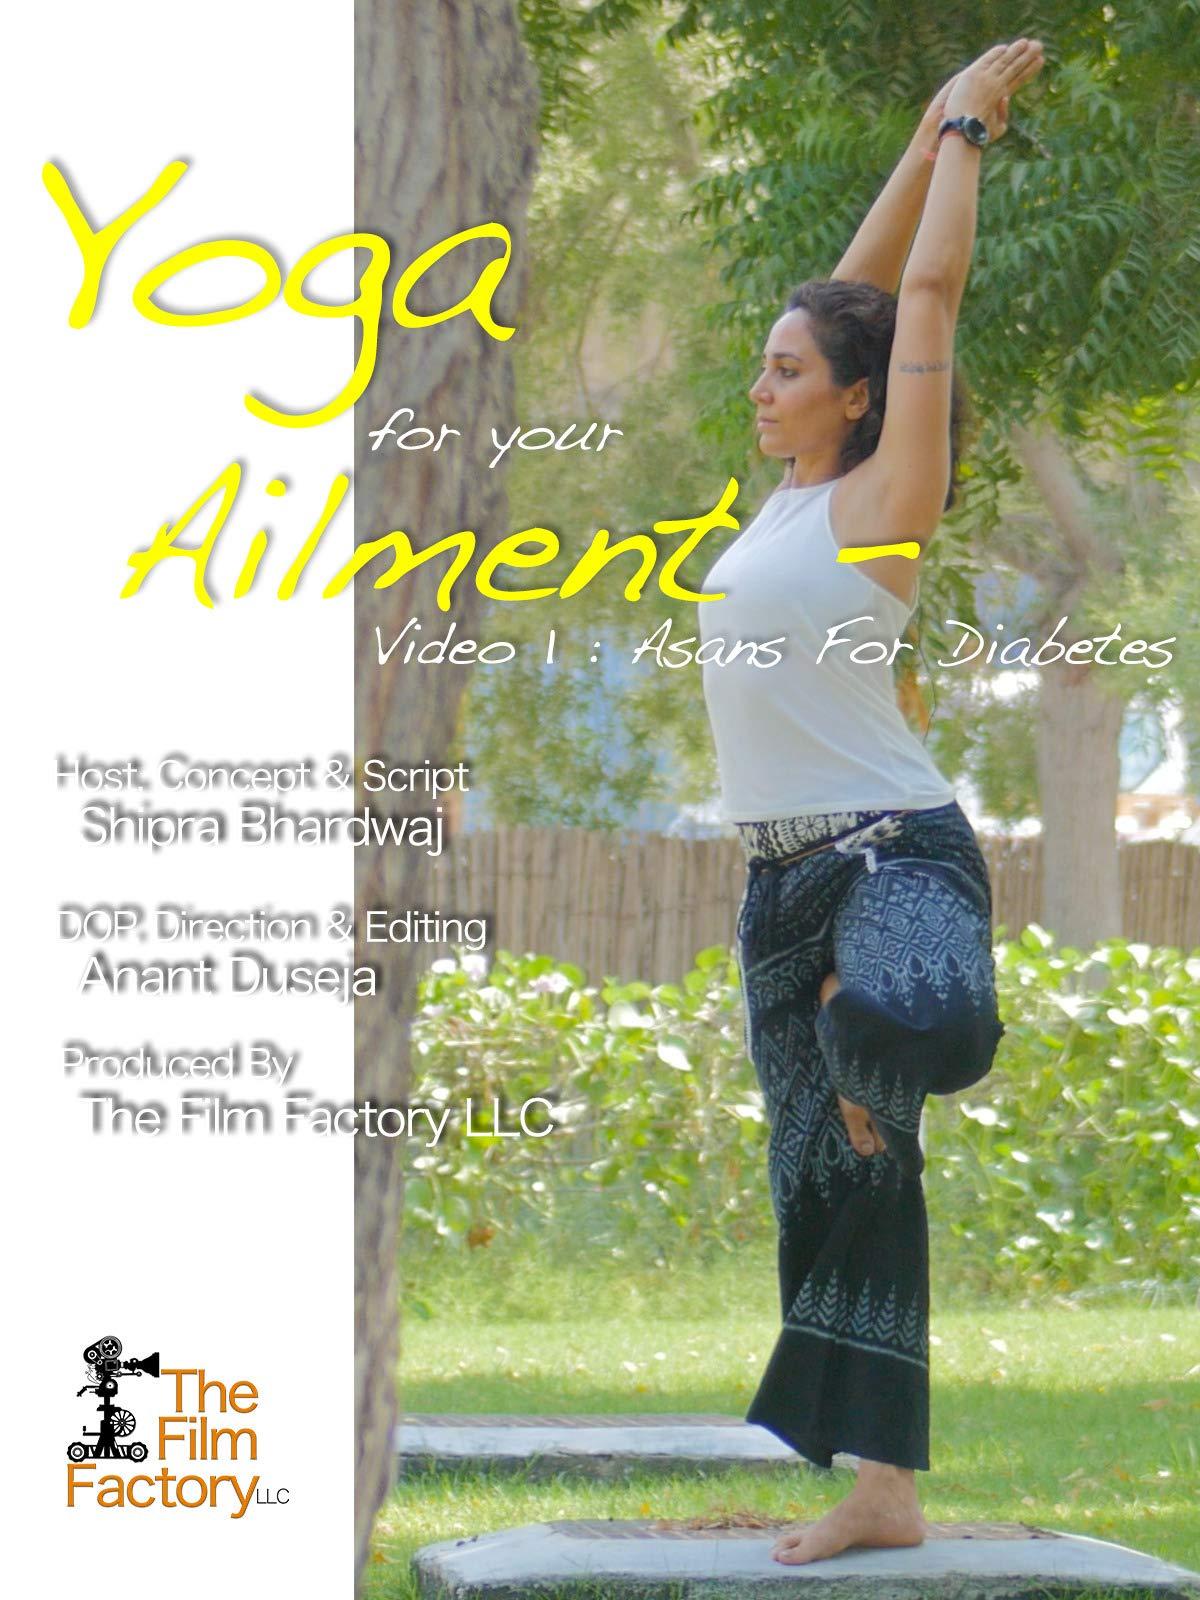 Yoga For Your Ailment - Video 1 : Asans For Diabetes